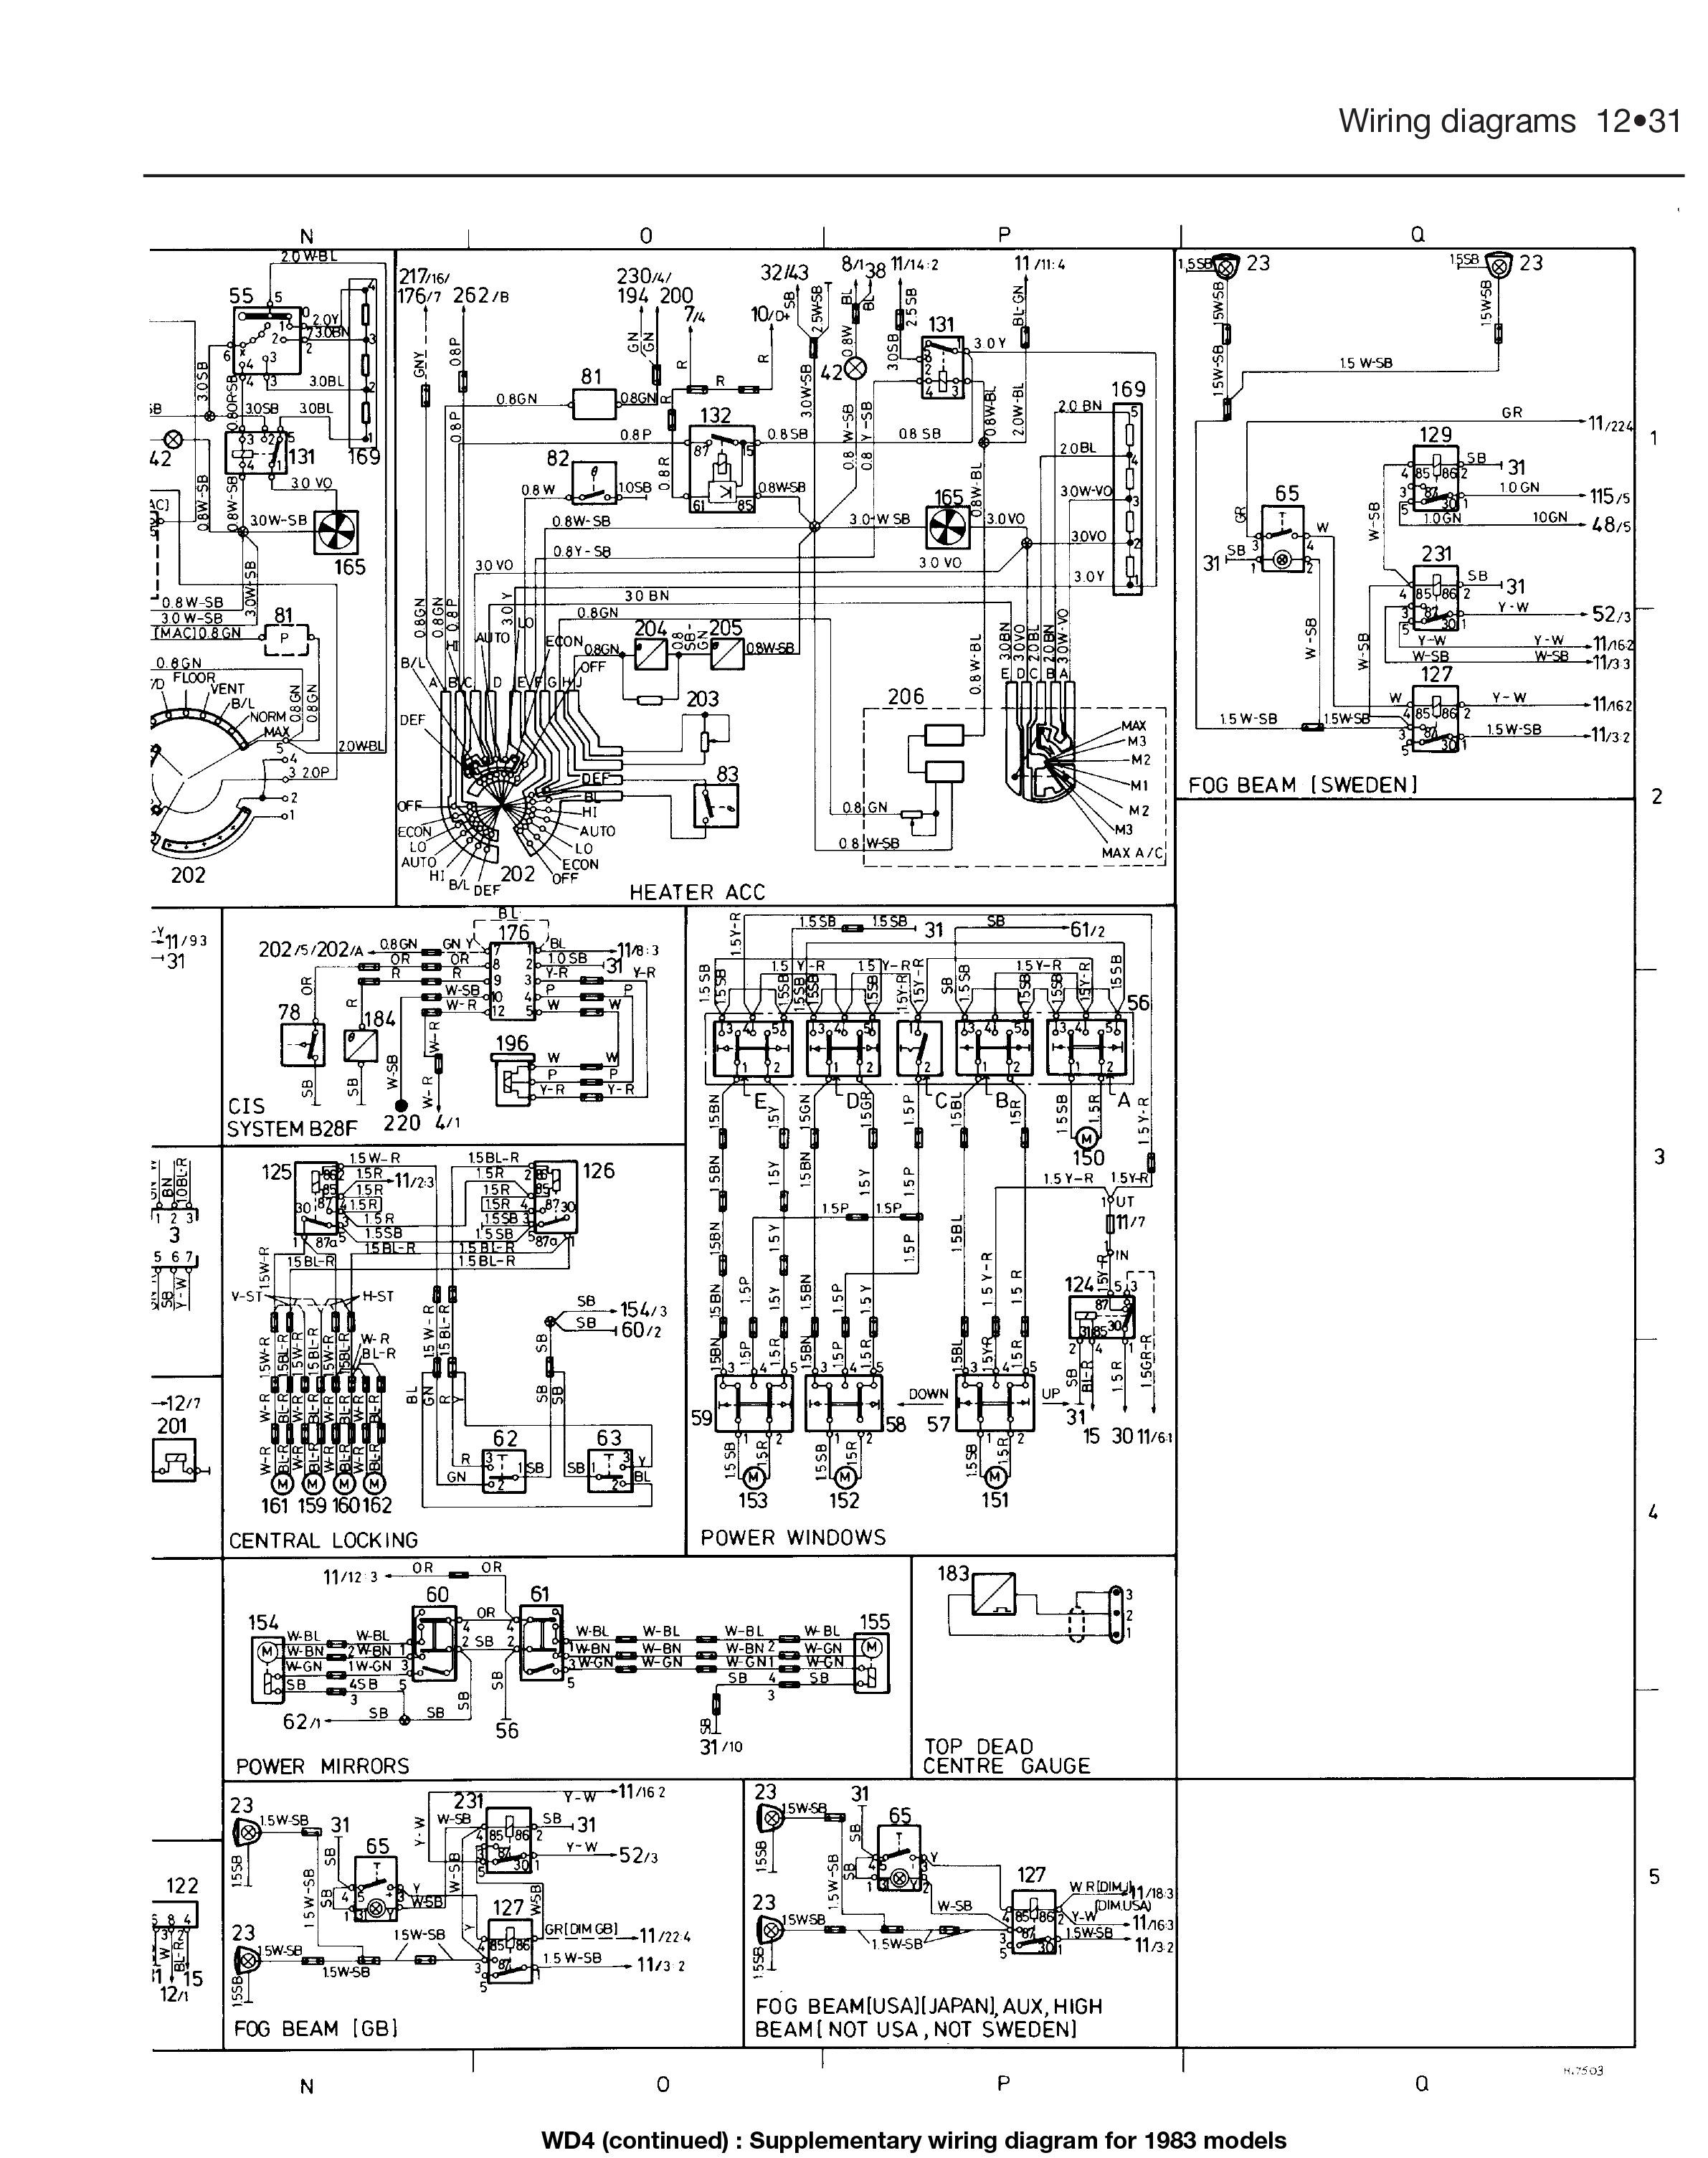 Ausgezeichnet Hvac Schütz Schaltplan Fotos - Elektrische Schaltplan ...